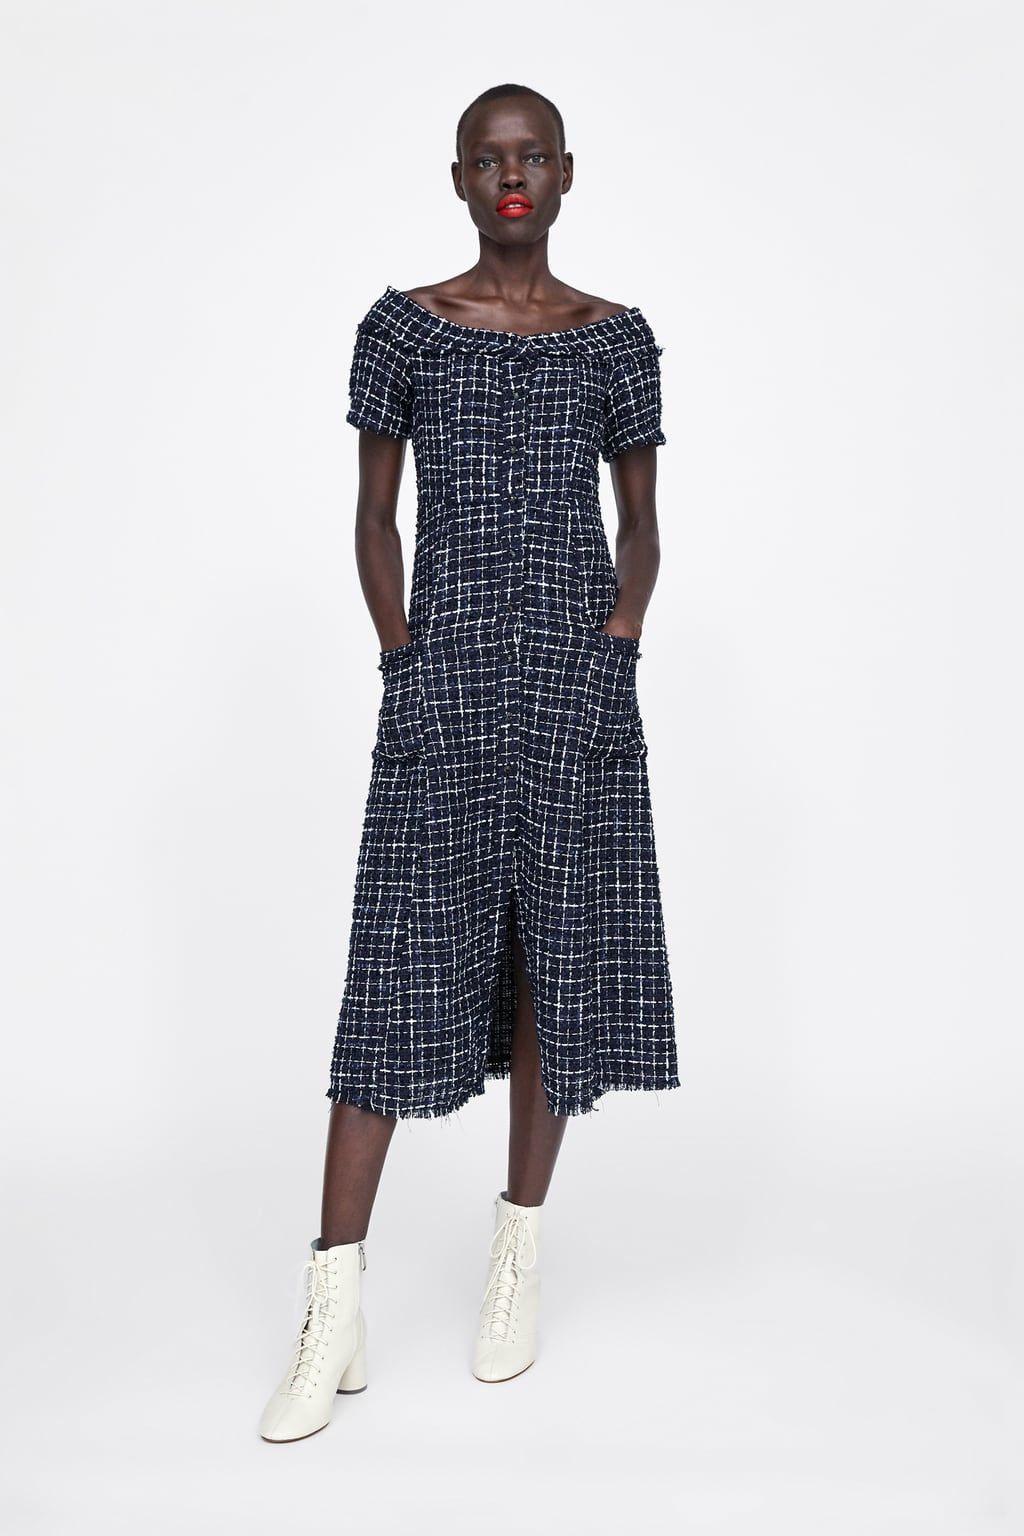 13 Leicht Abend Dress Zara StylishDesigner Leicht Abend Dress Zara Spezialgebiet